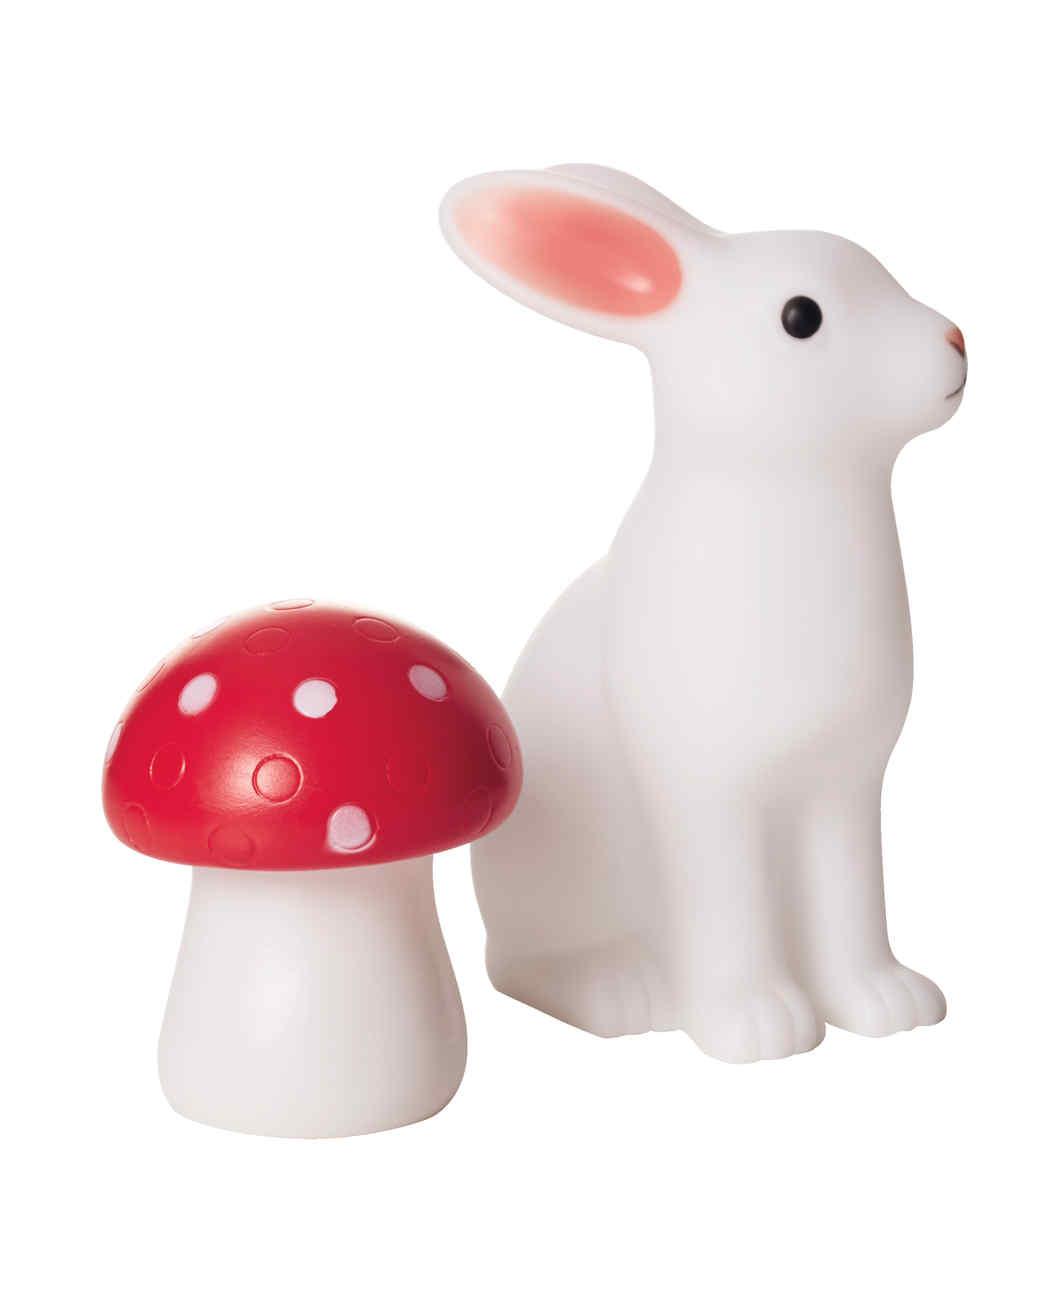 bunny-and-mushroom-night-light-073-d112494.jpg